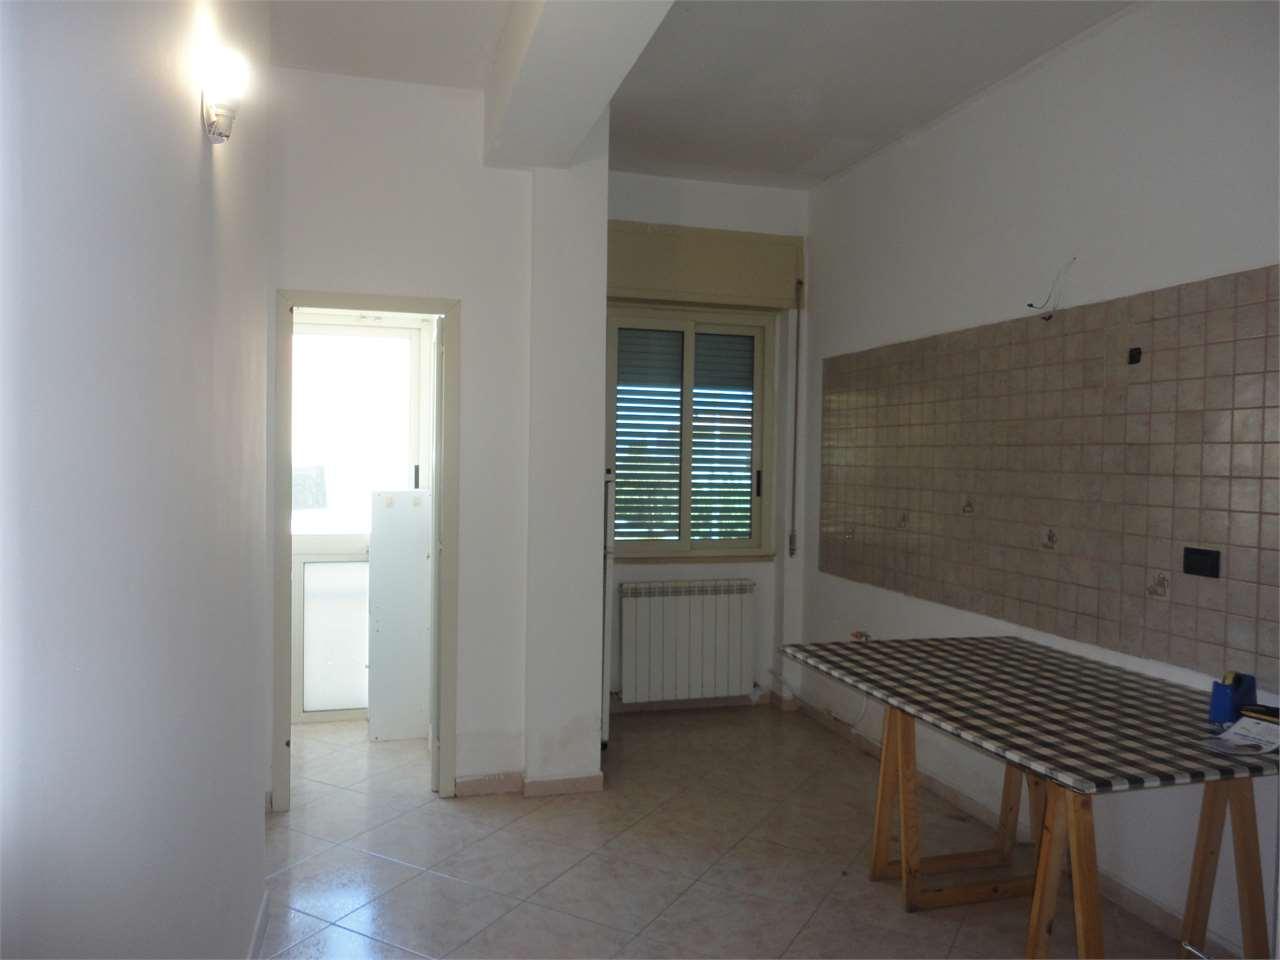 Appartamento in vendita a Cosenza, 3 locali, prezzo € 58.000 | CambioCasa.it